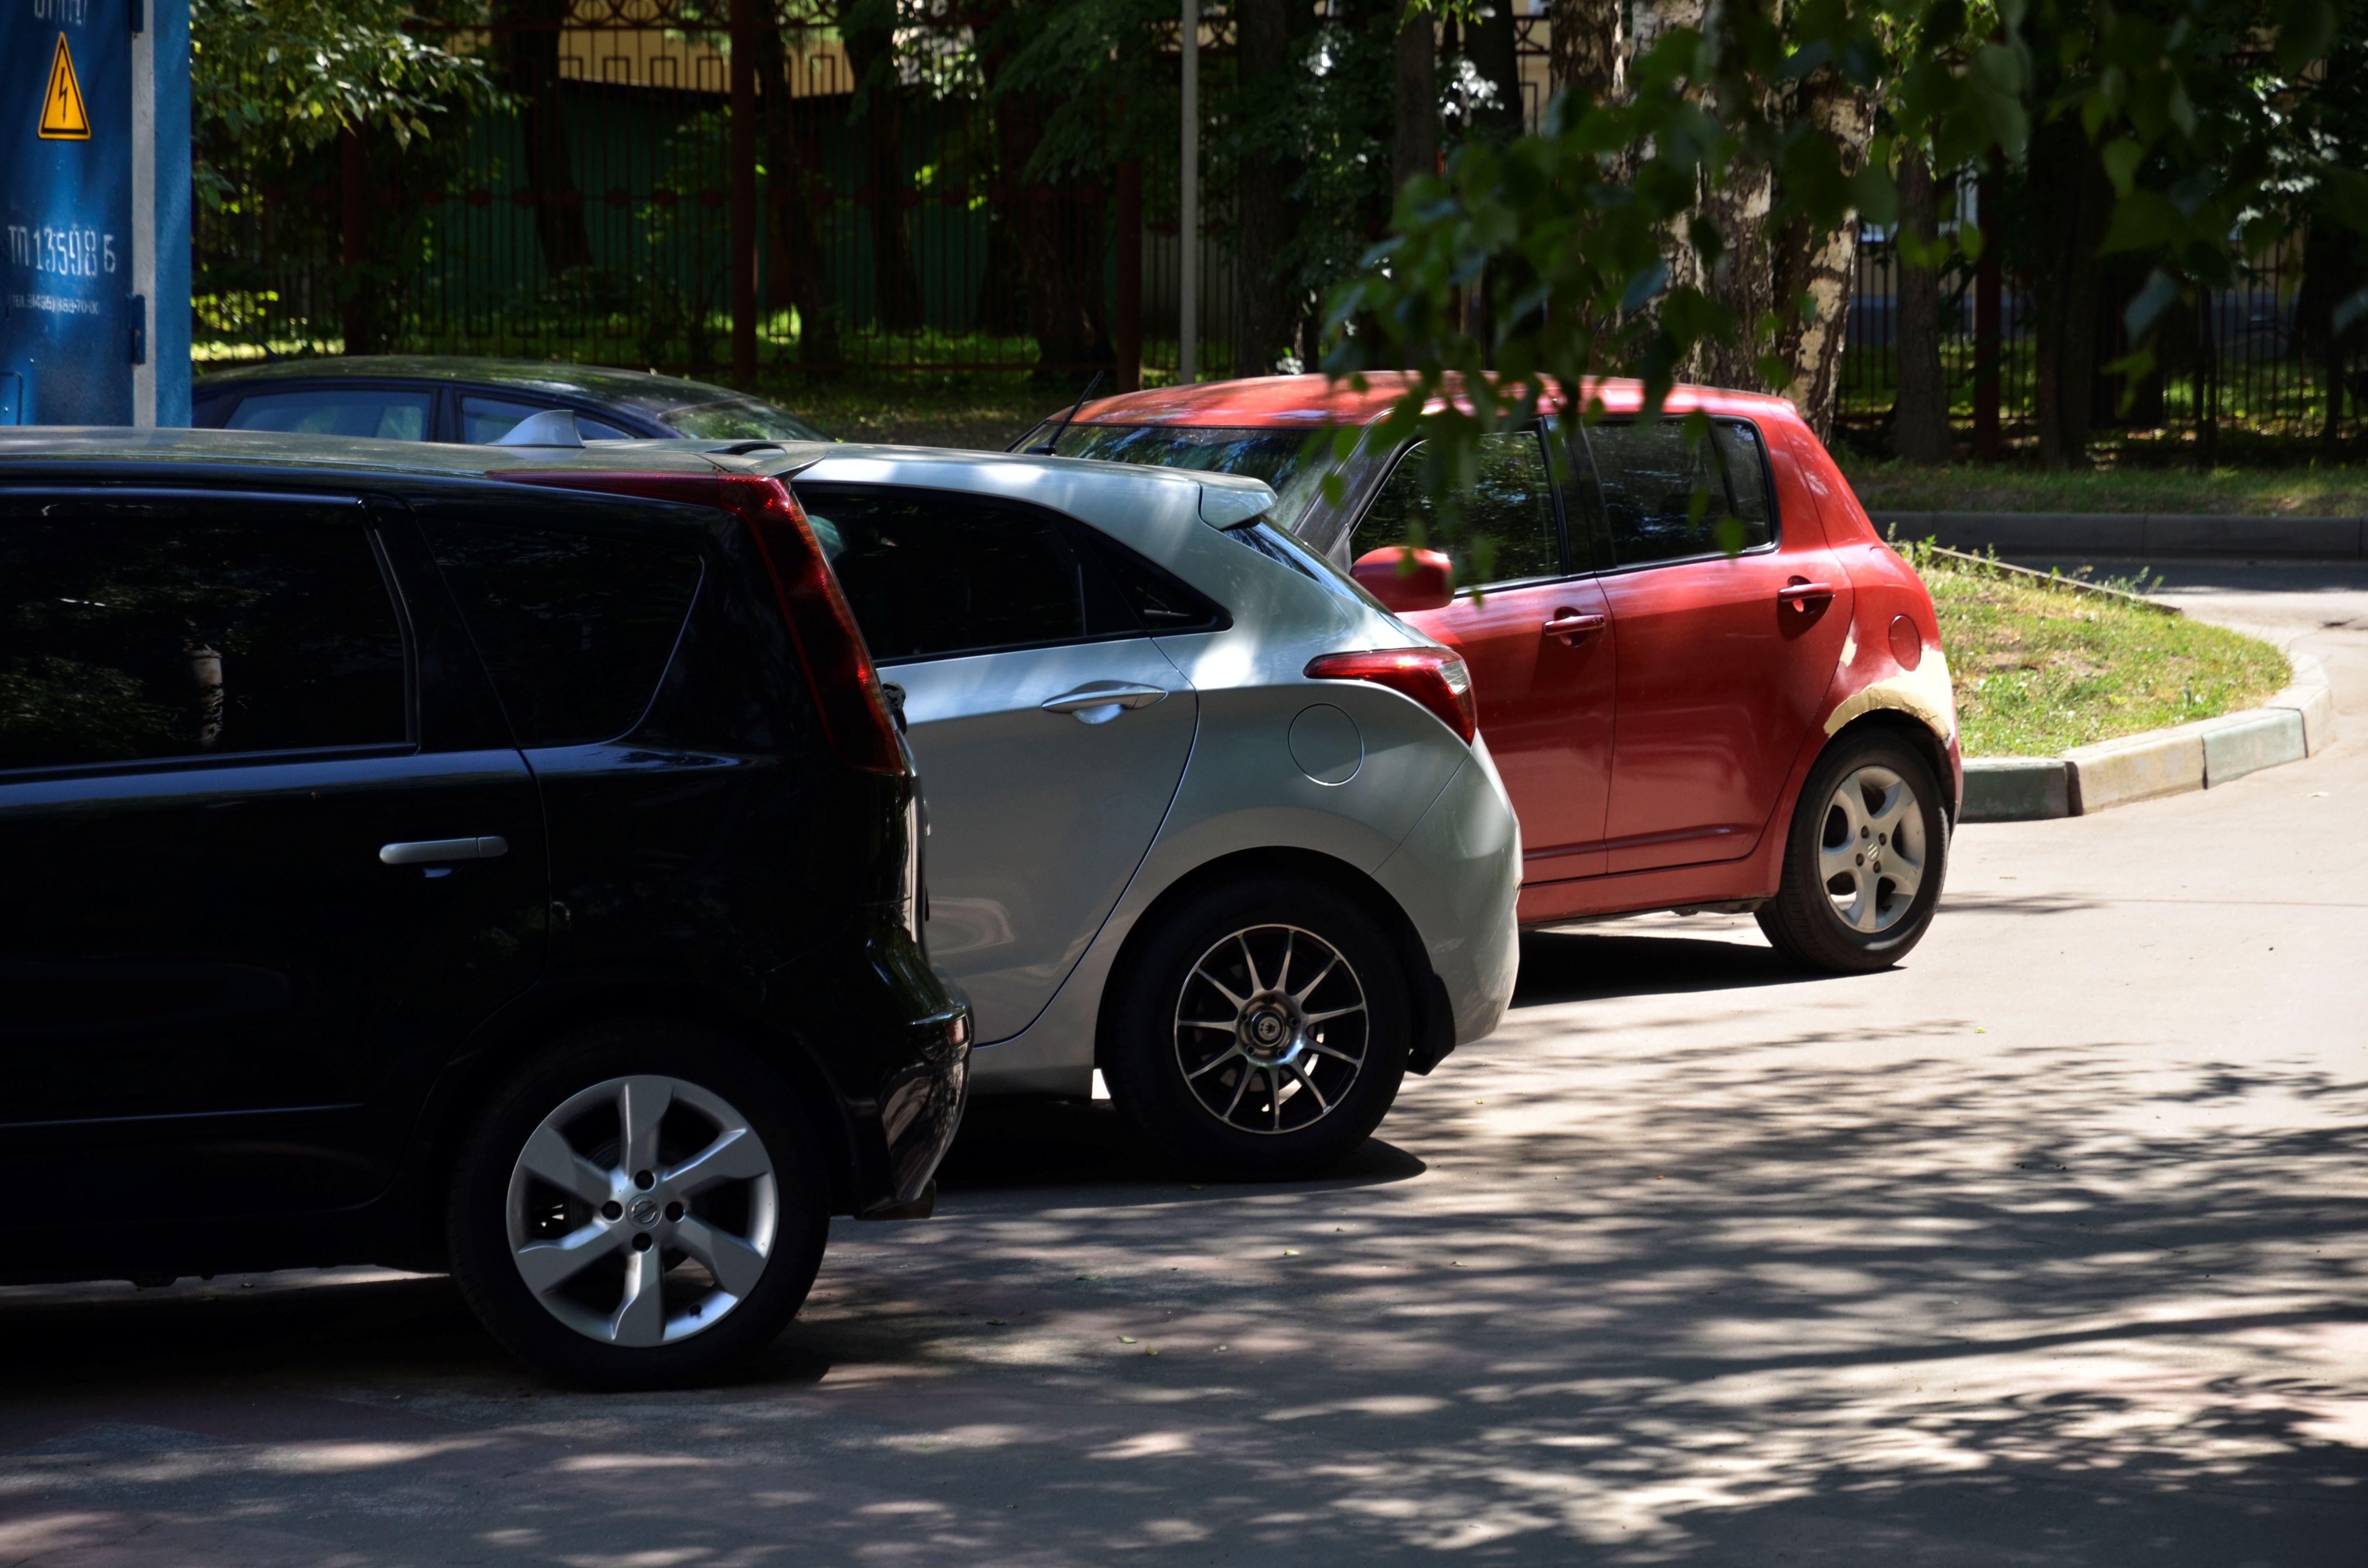 Специалисты оборудуют парковки на хуторе Ильичевка